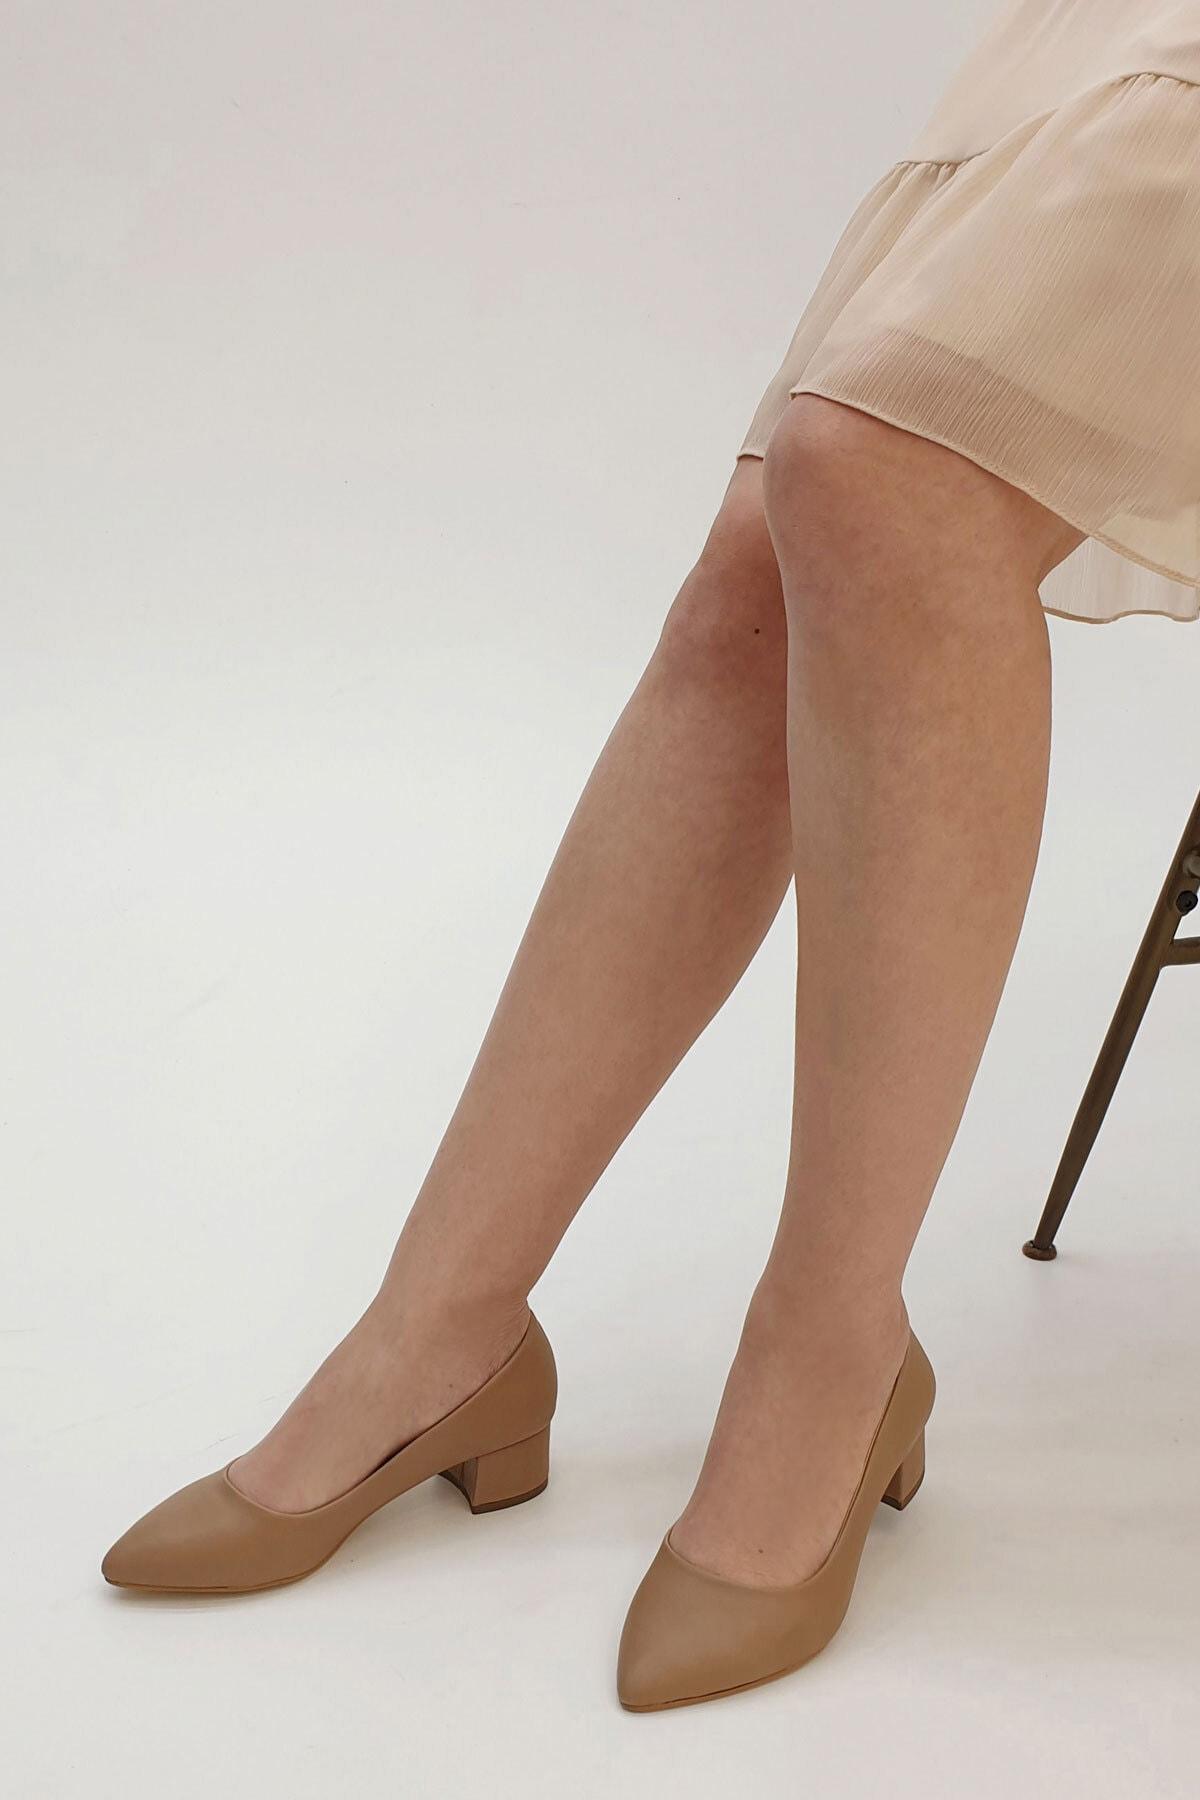 Marjin Kadın Apunte Klasik Topuklu AyakkabıVizon 2